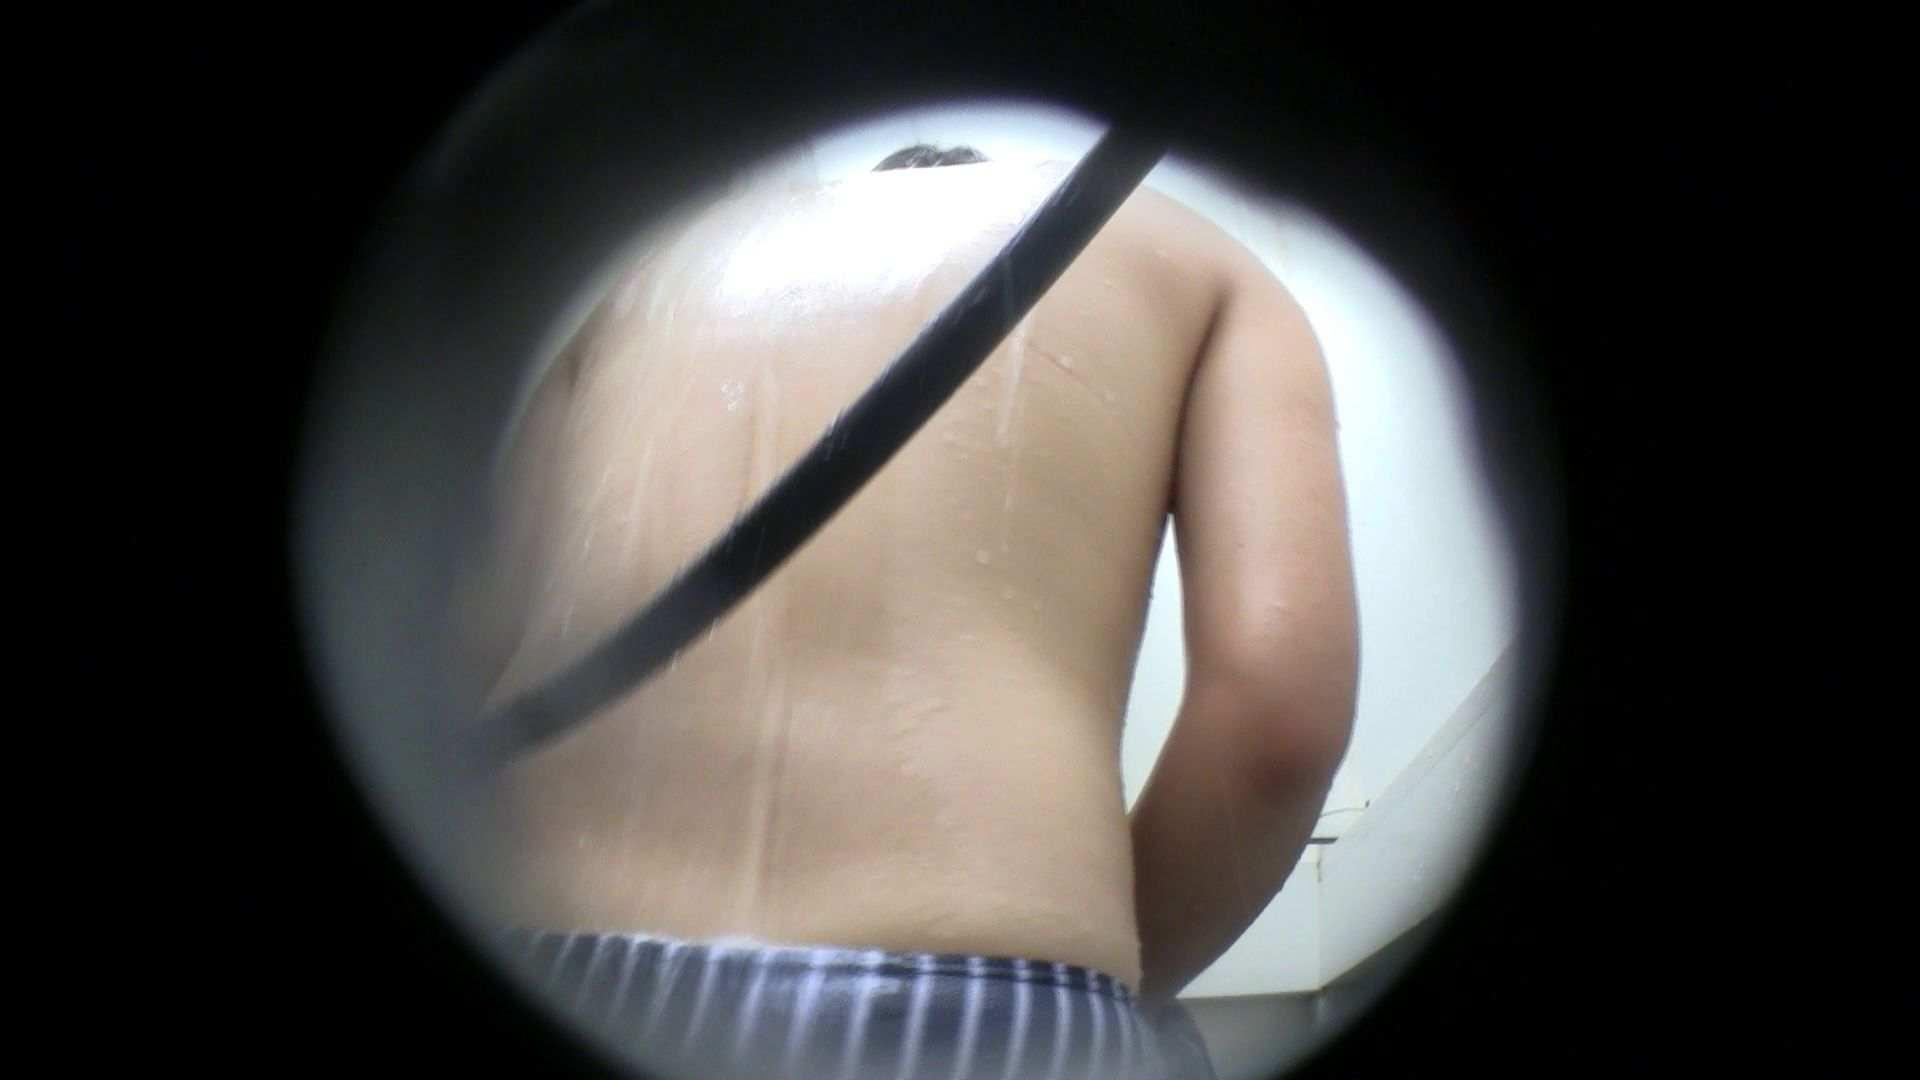 無修正エロ動画:NO.43 乳首の先がチラ 背中でイメージして下さい:怪盗ジョーカー